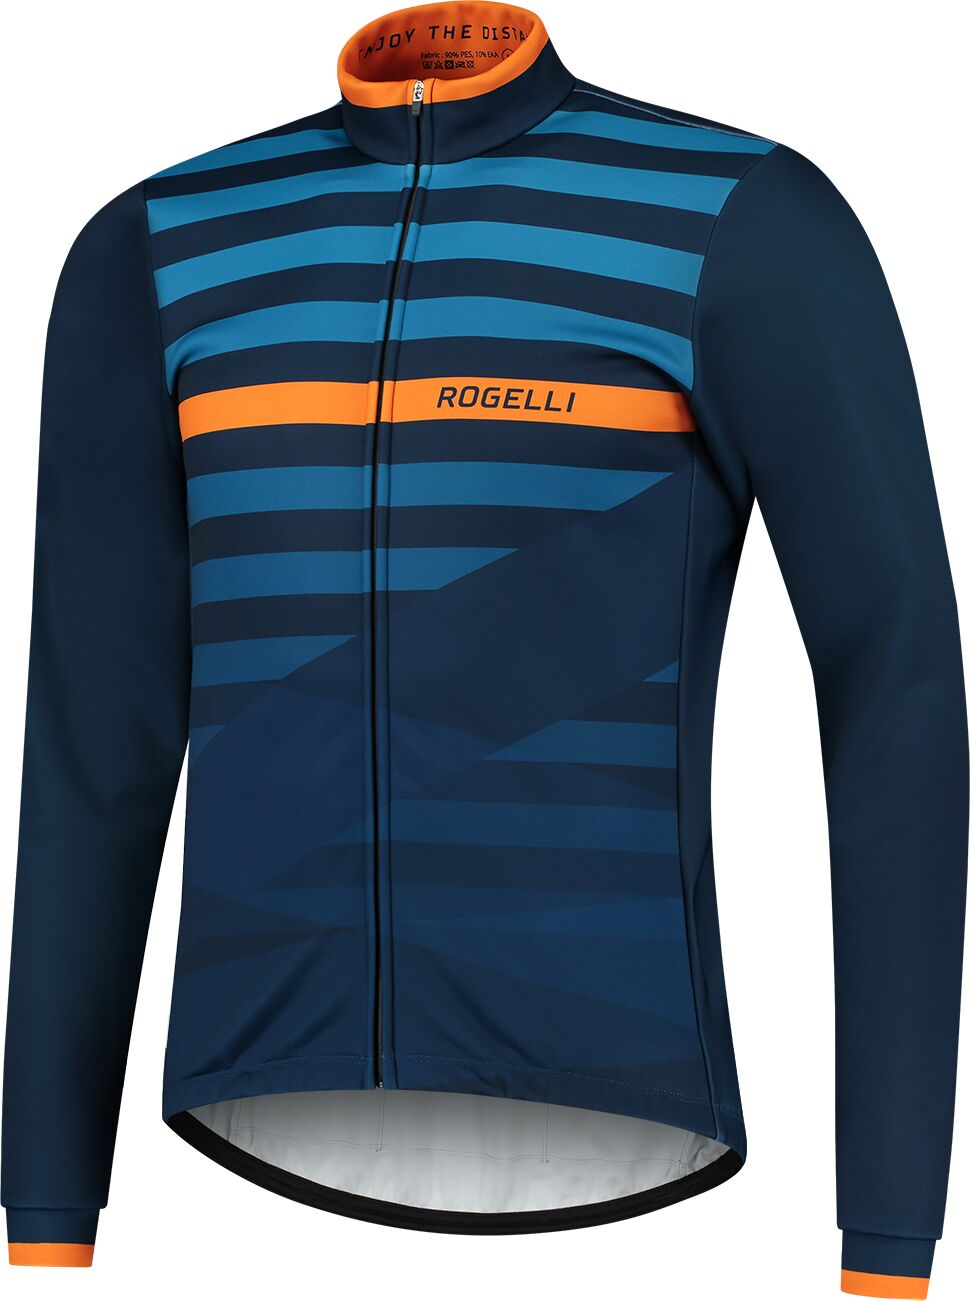 ROGELLI kurtka rowerowa zimowa STRIPE blue ROG351041 Rozmiar: S,SROG351041.S